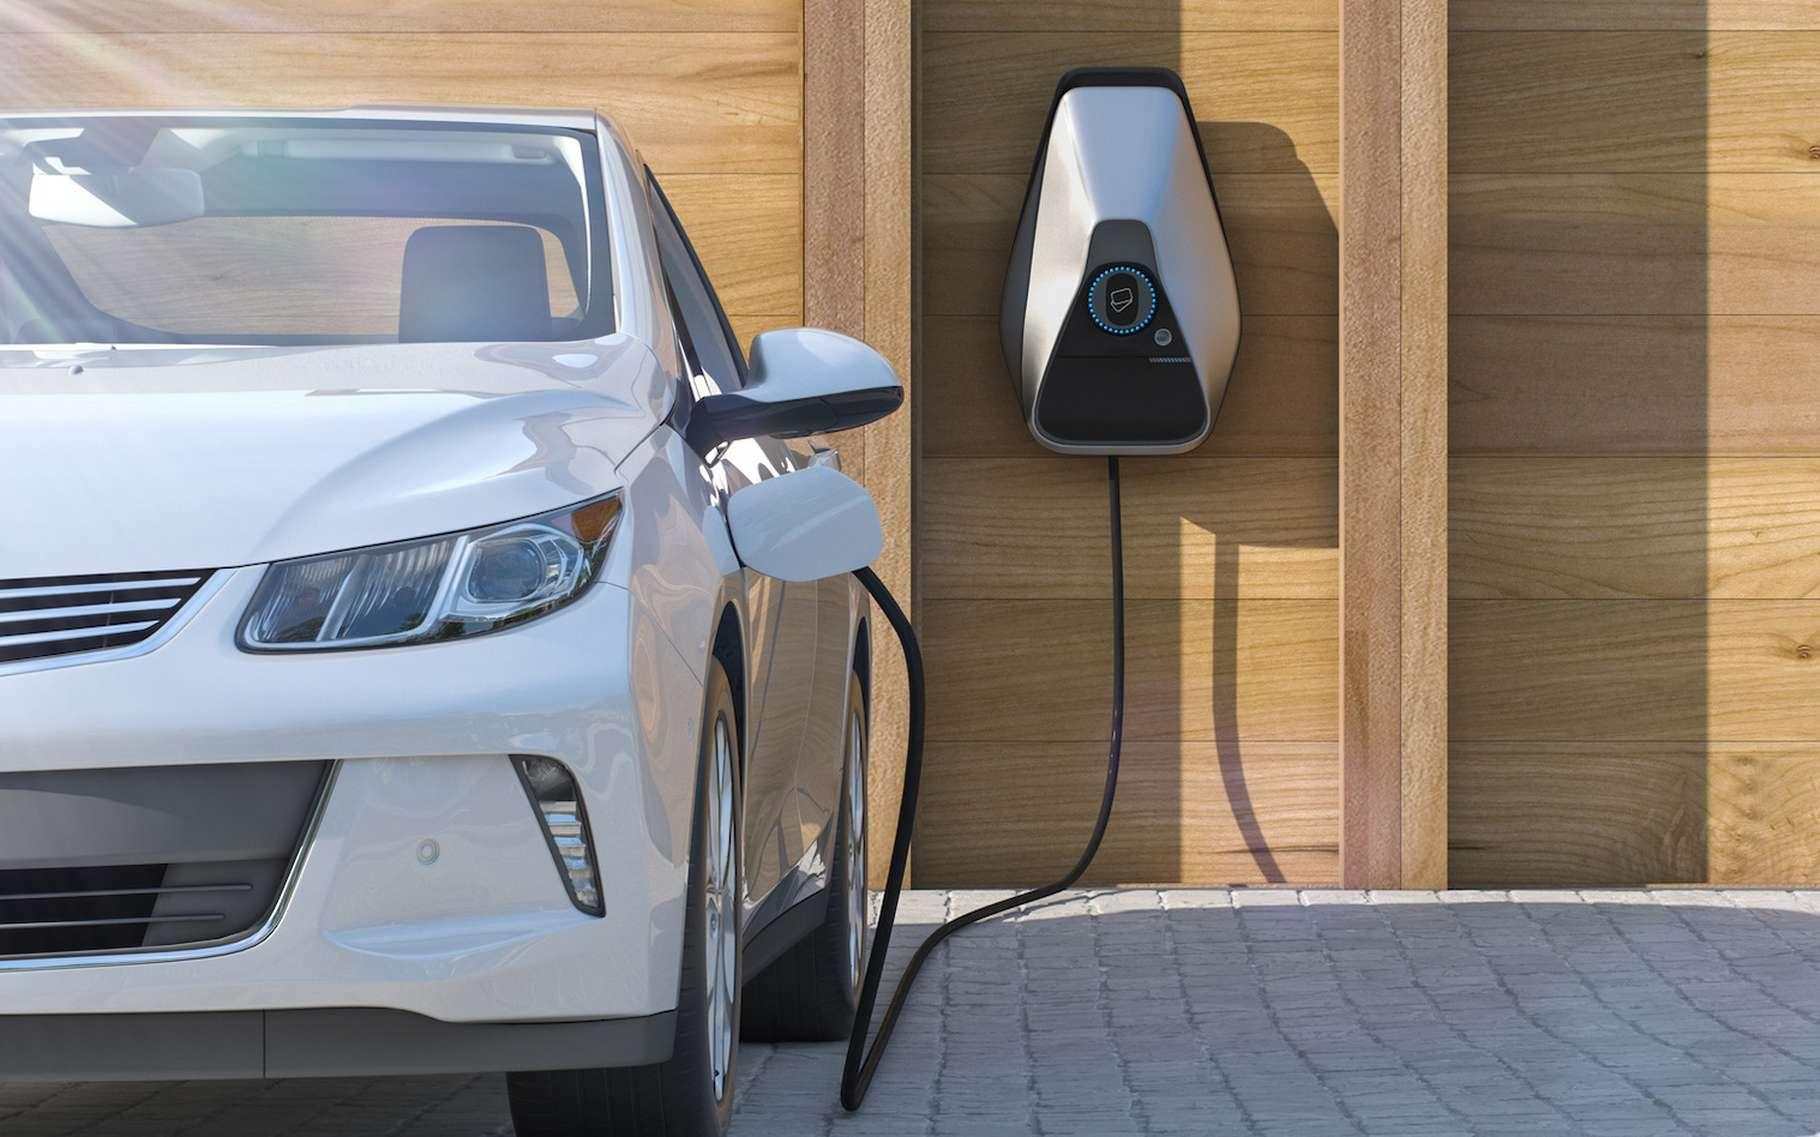 Le smart charging pourrait bien permettre à la fois d'accélérer le développement de la mobilité électrique et jouer un rôle majeur dans l'intégration en douceur des énergies renouvelables sur les réseaux électriques. © Herr Loeffler, Fotolia